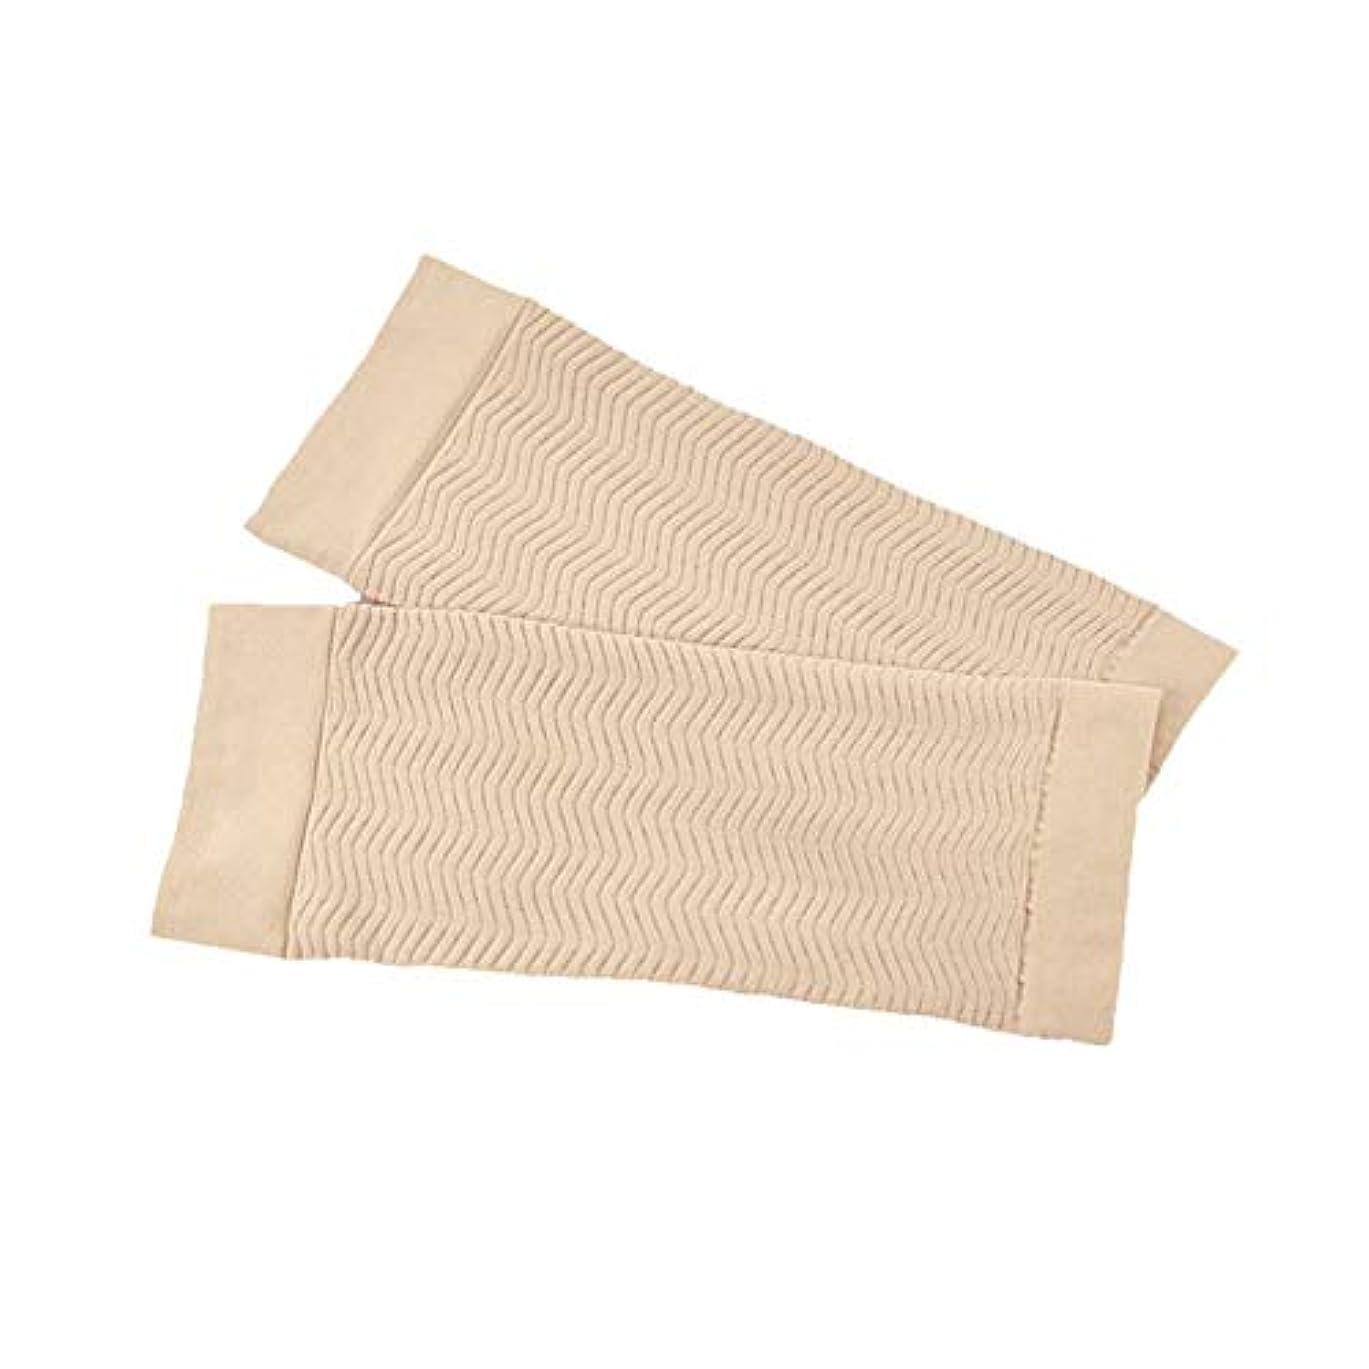 ピニオンに賛成に応じて1ペア680 D圧縮アームシェイパーワークアウトトーニングバーンセルライトスリミングアームスリーブ脂肪燃焼半袖用女性 - スキンカラー